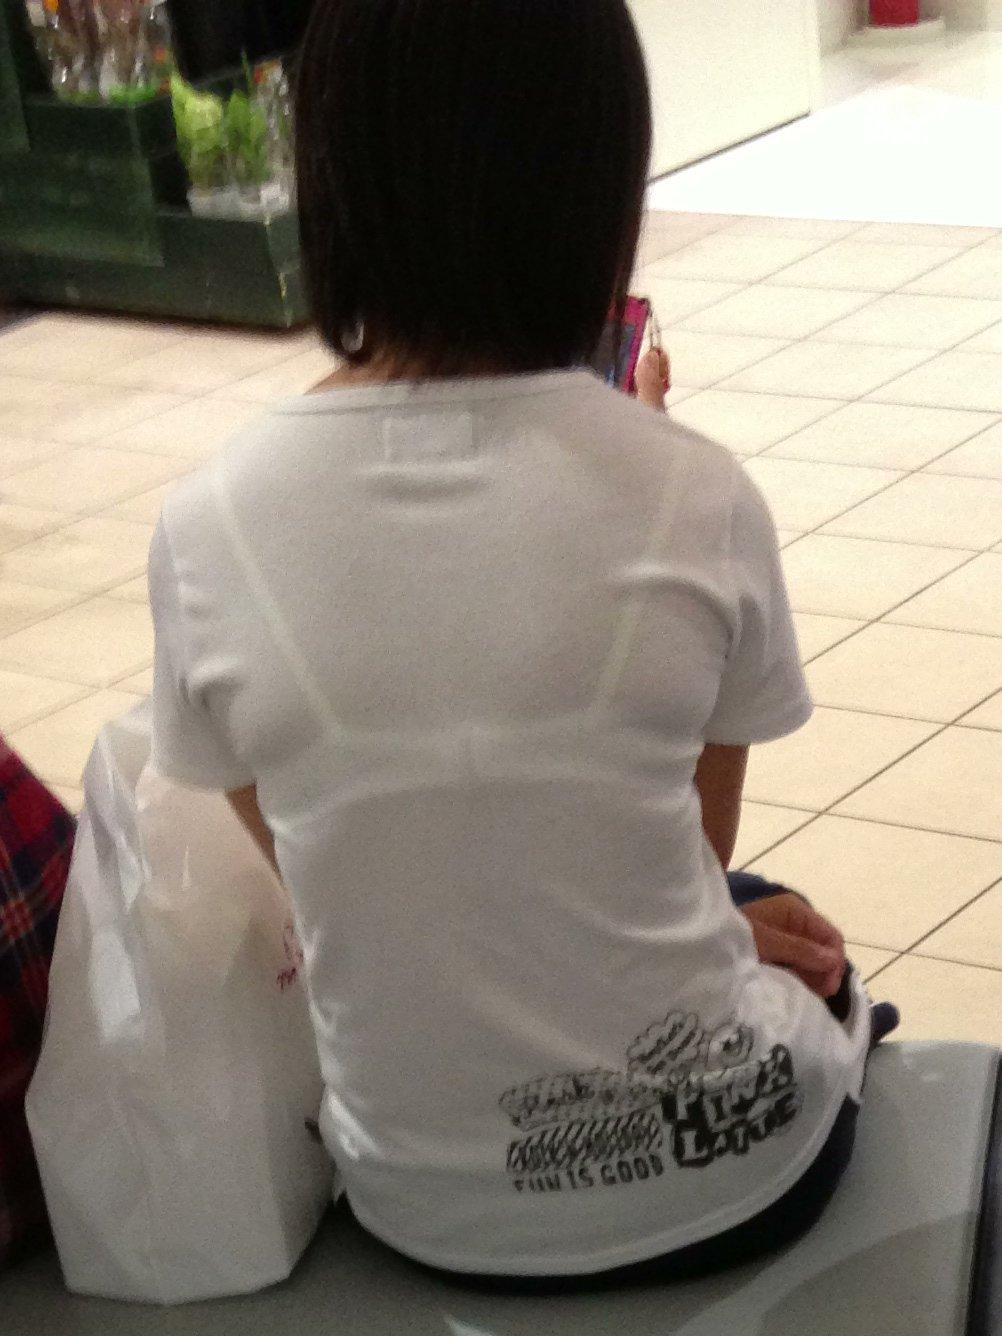 下着が透けてる女性の背後からガン見!